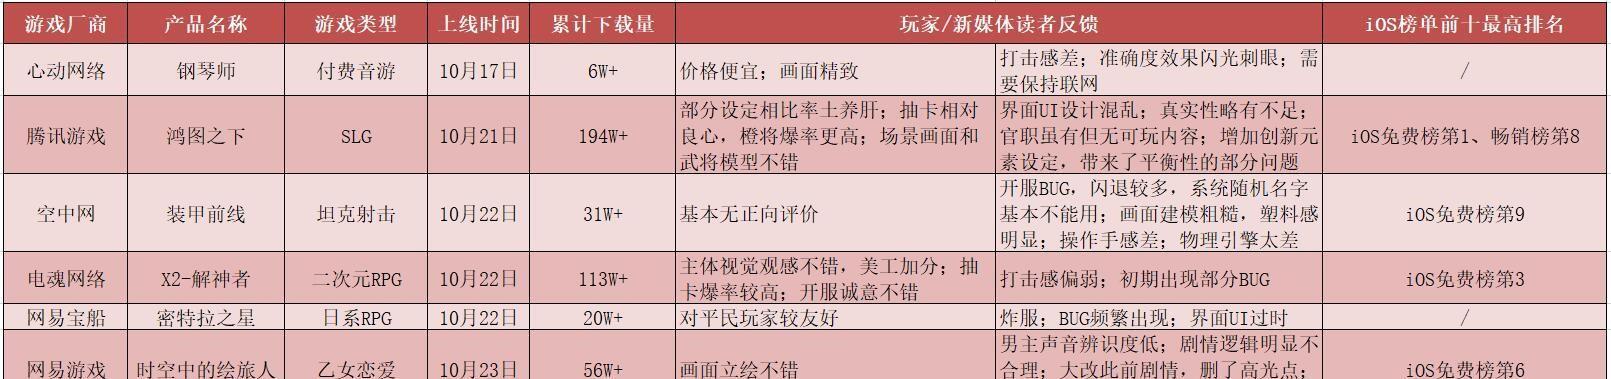 """外国成人游戏网站_壹周新游观察第3期:近7成新游测试因""""新手引导""""被吐槽"""